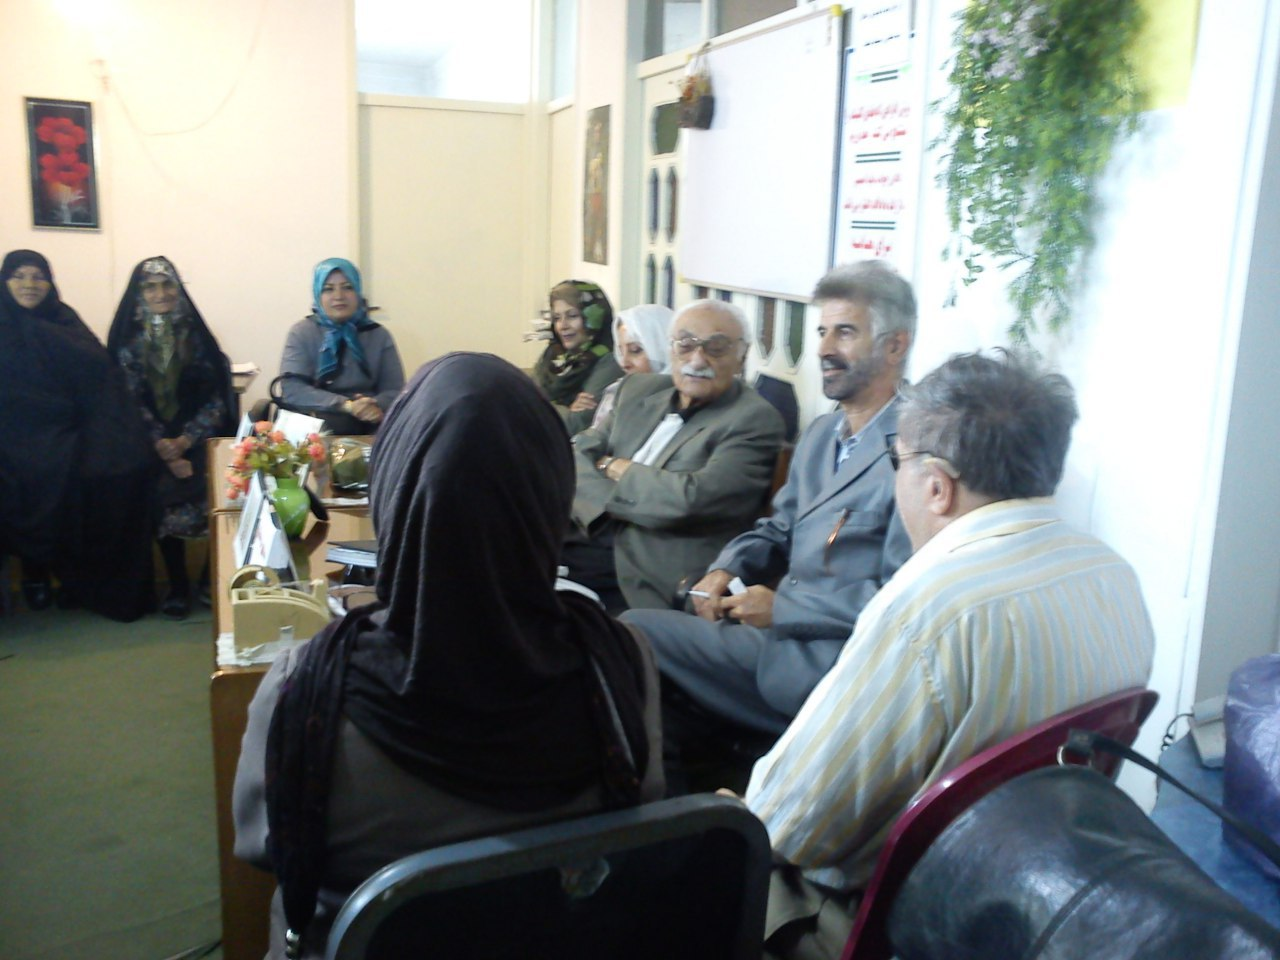 جلسه هیئت مدیره با آقای صمد مقیمی انسان خیر همراه با خانم دکتر نیرویی